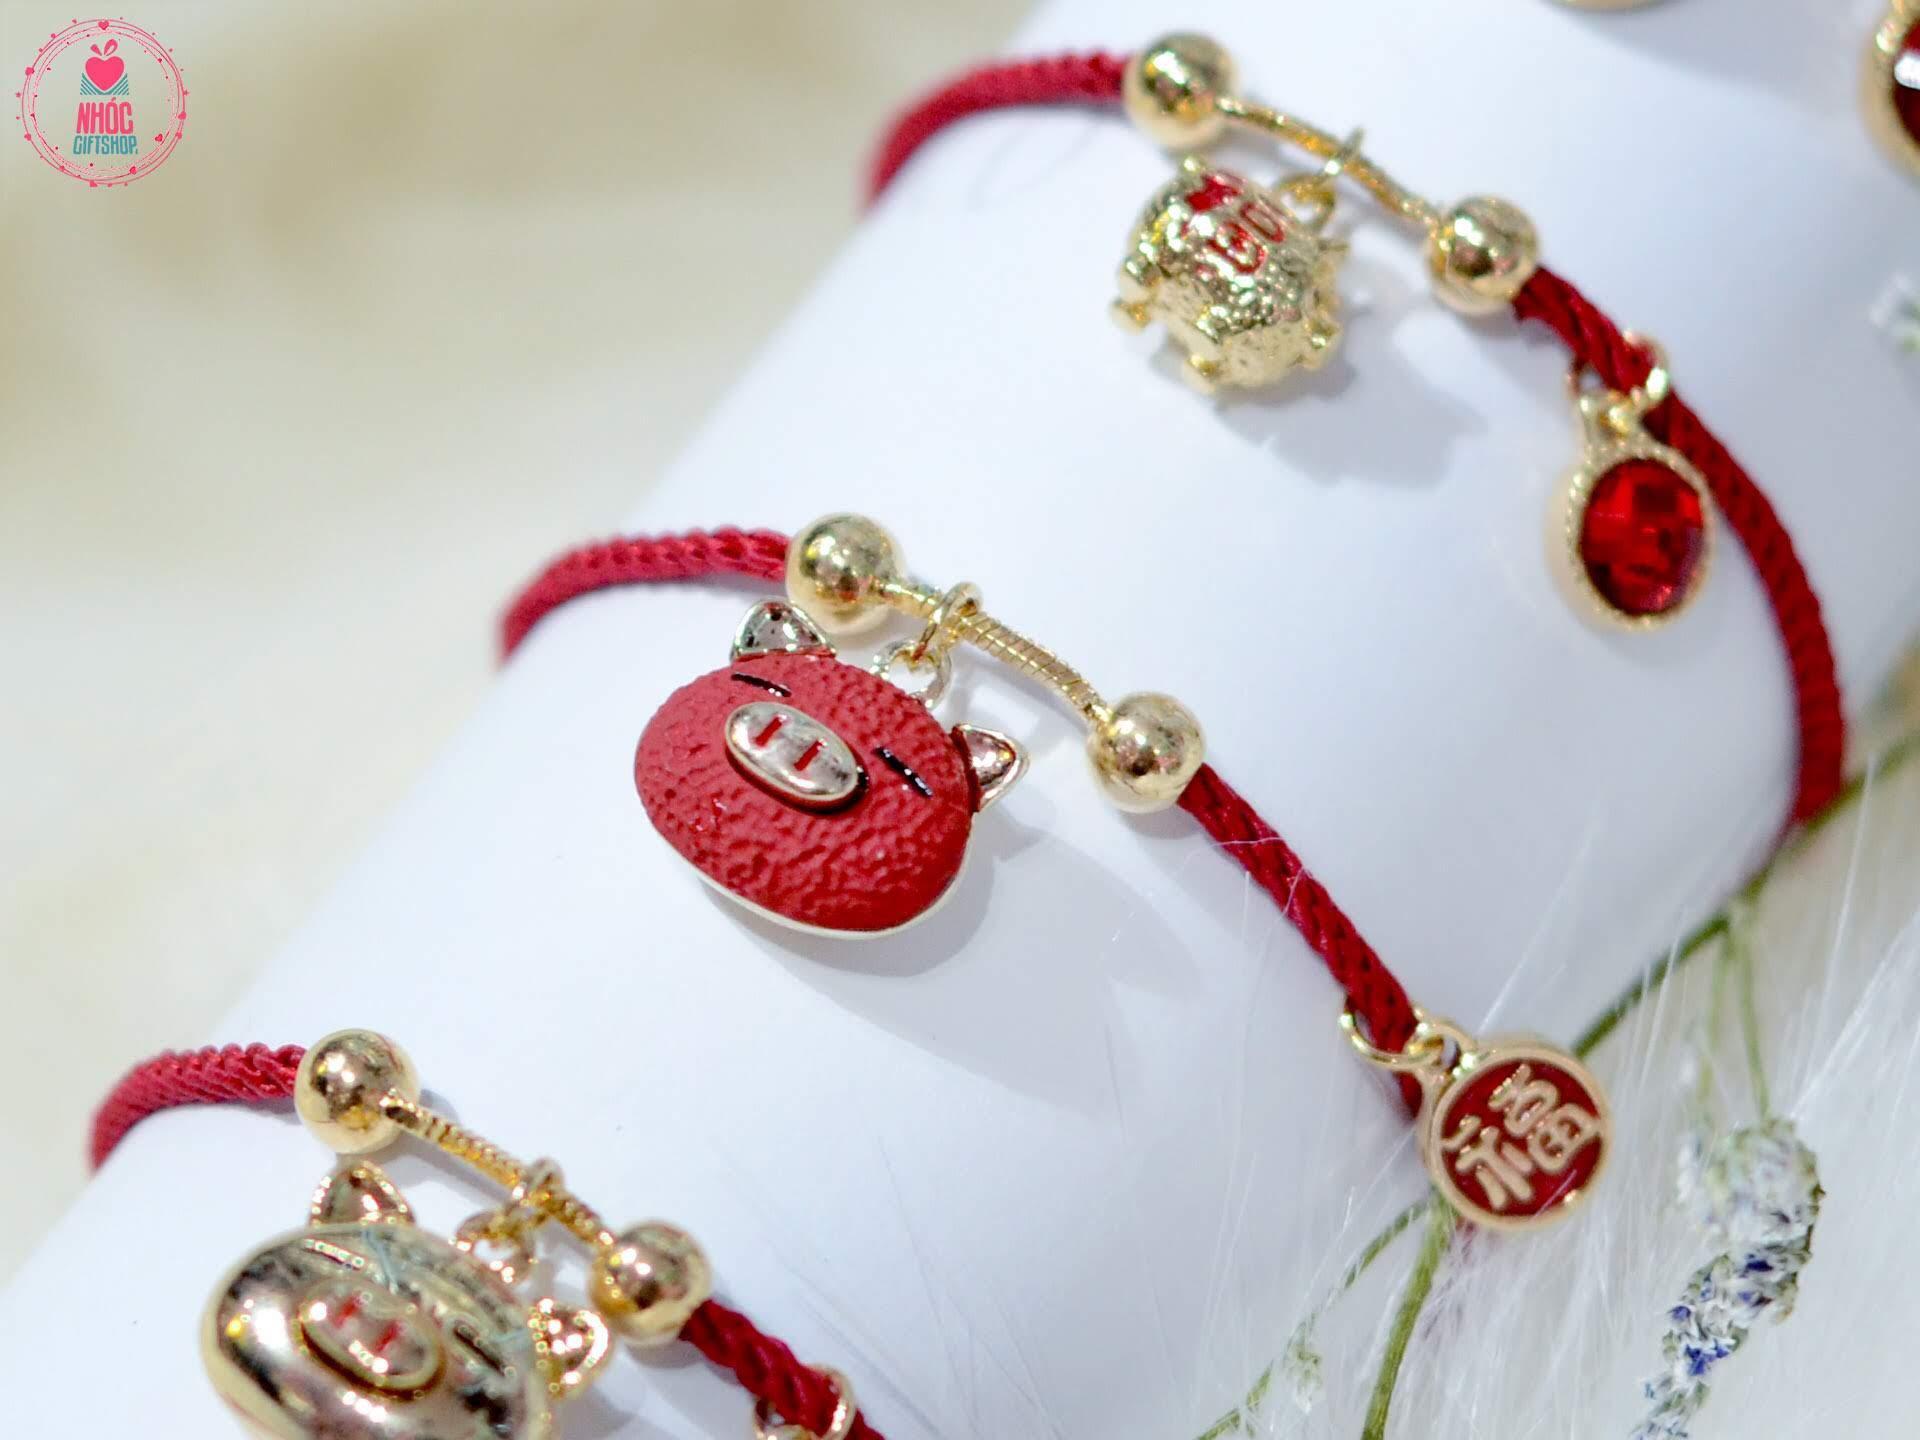 Top những món quà chuẩn thính quăng là dính dịp Valentine - Ảnh 7.